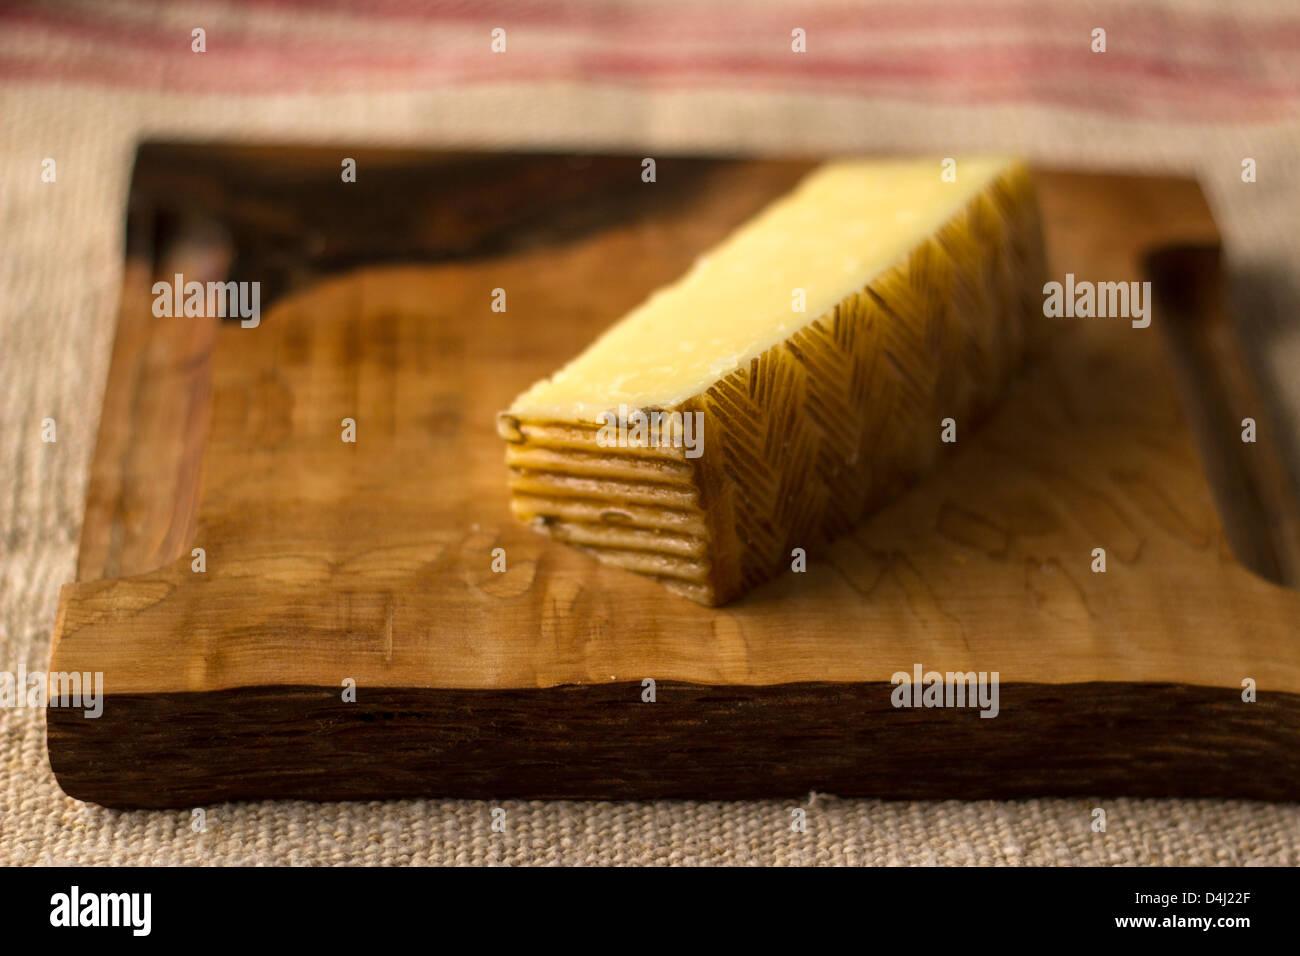 Prüfungsausschuß der Käse auf einem Holzbrett Stockbild